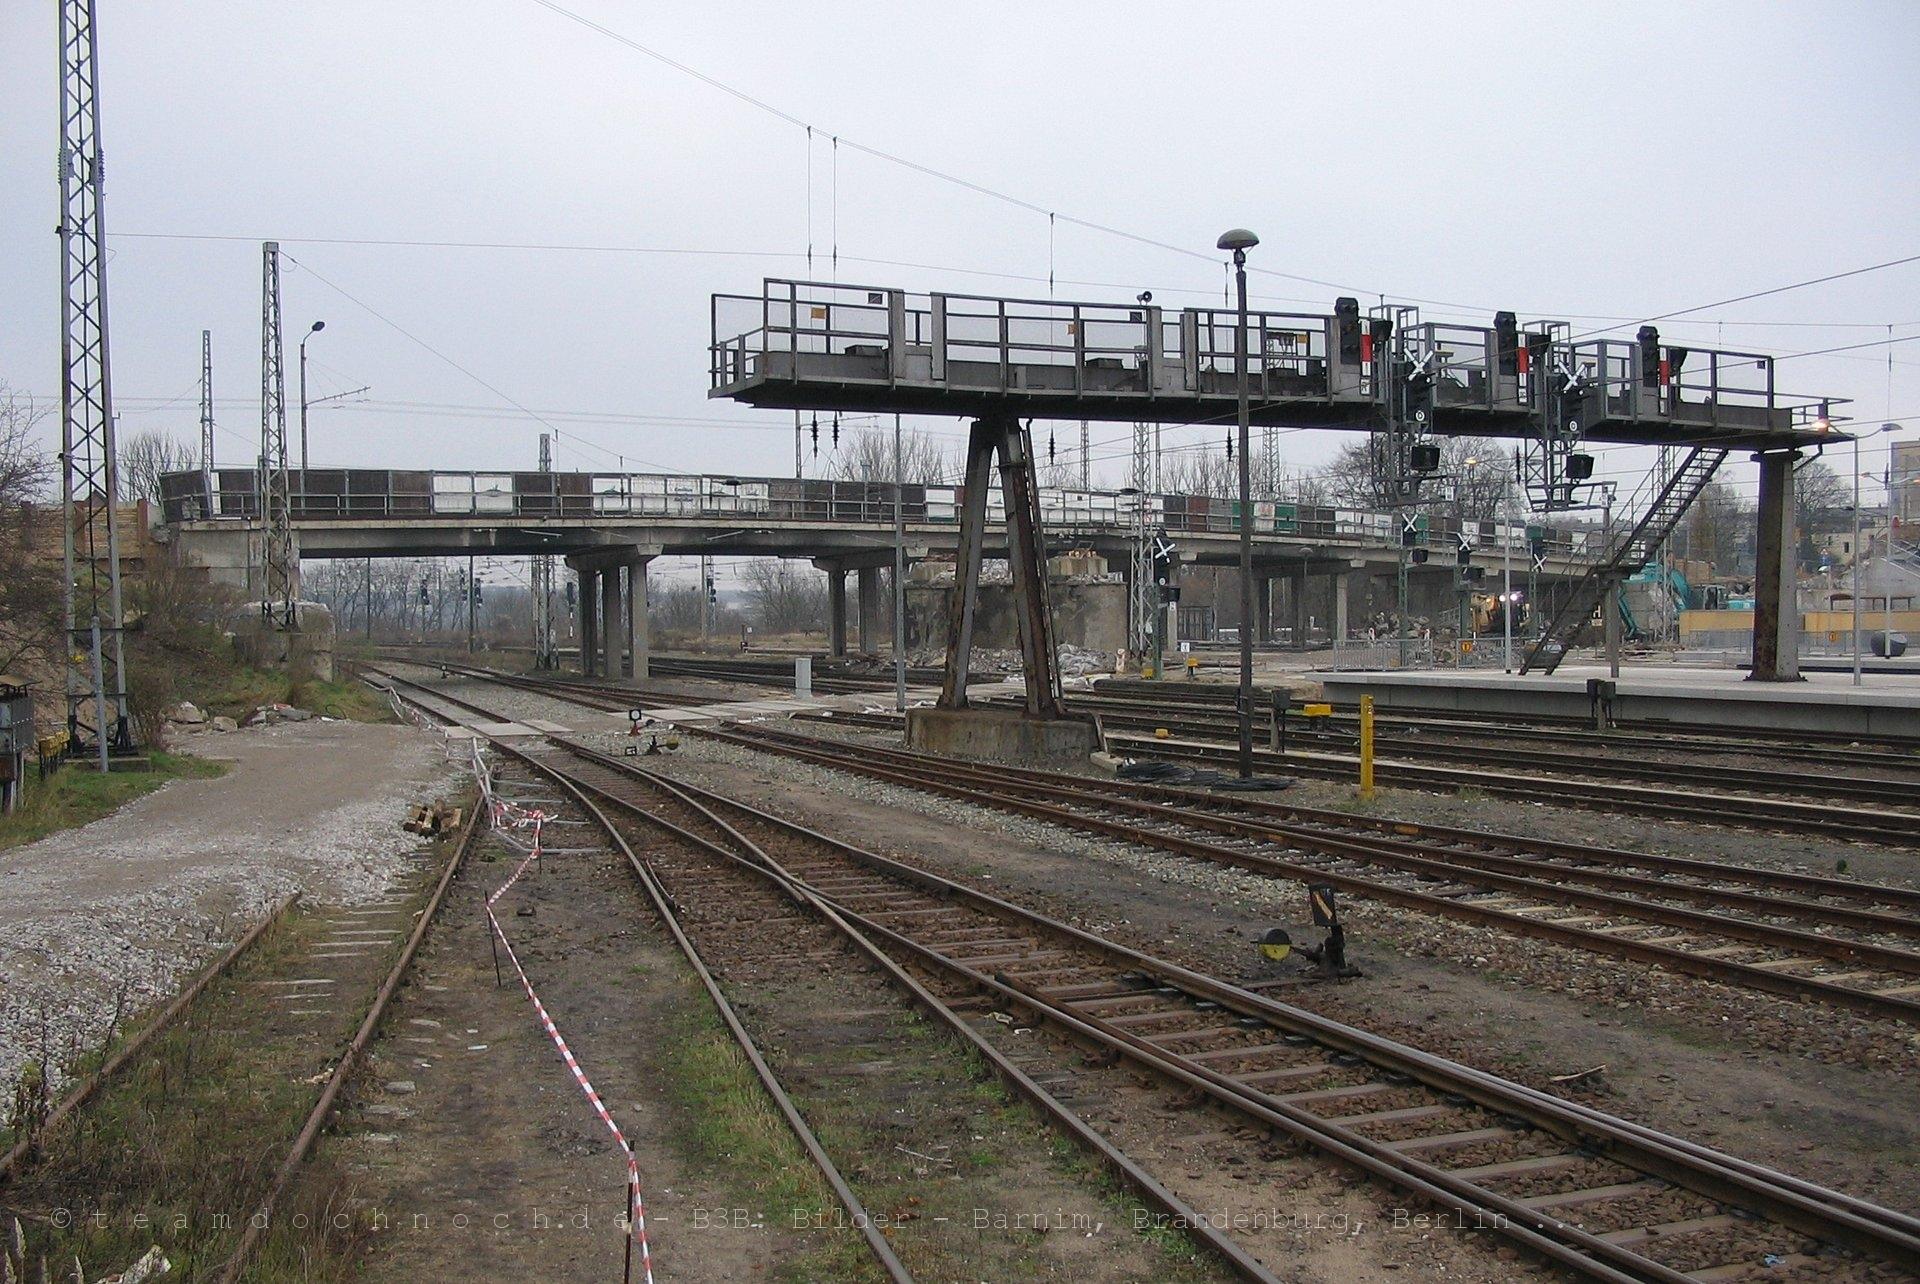 Signalbrücke am Bahnhof Eberswalde